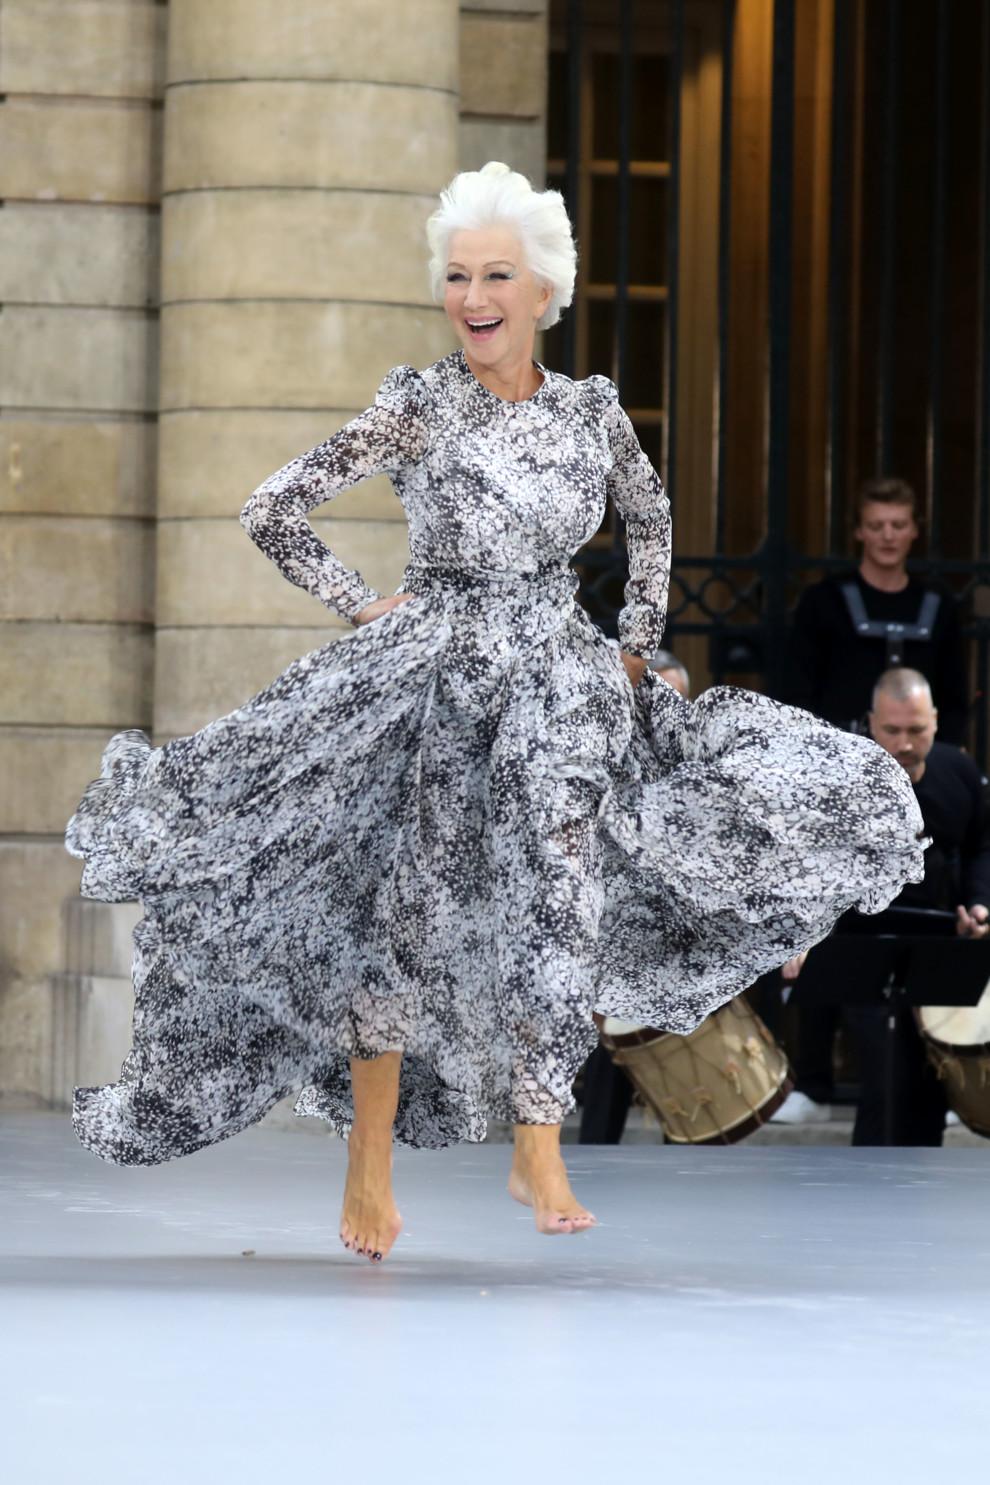 Дизайнер Катя Сильченко выступила моделью на показе L'Oreal в Париже (фото 5)